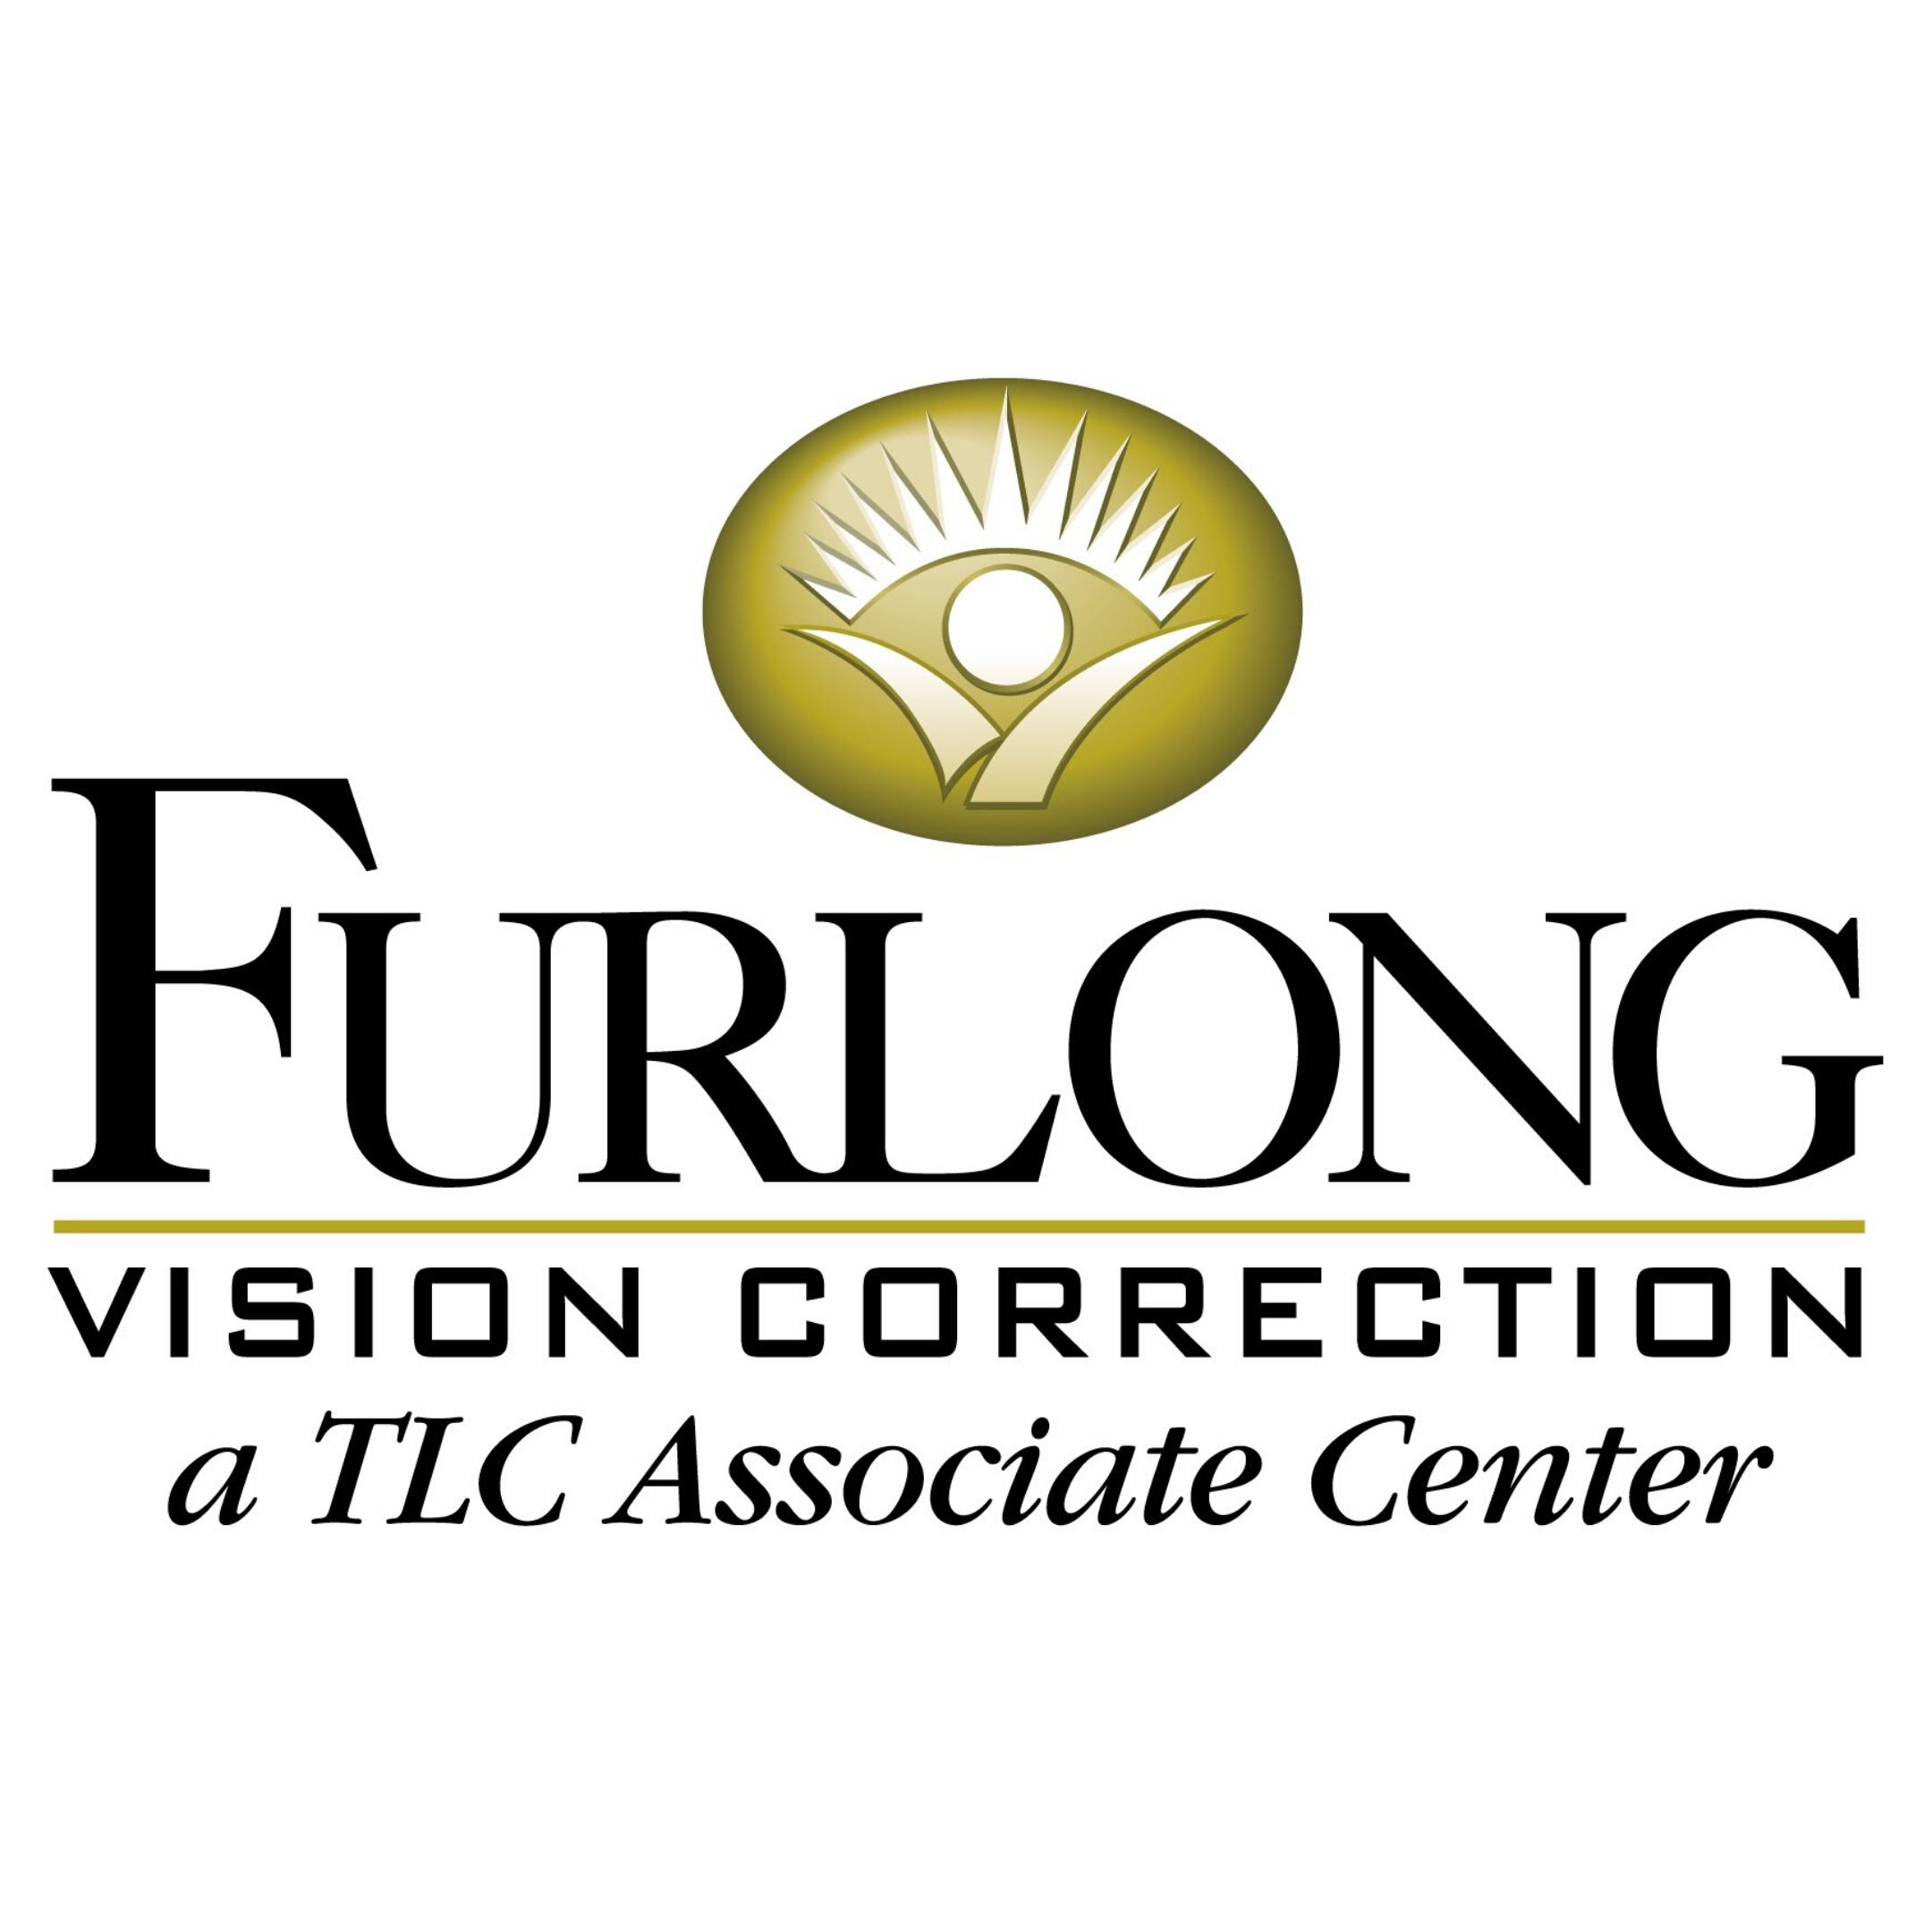 Furlong Vision Correction